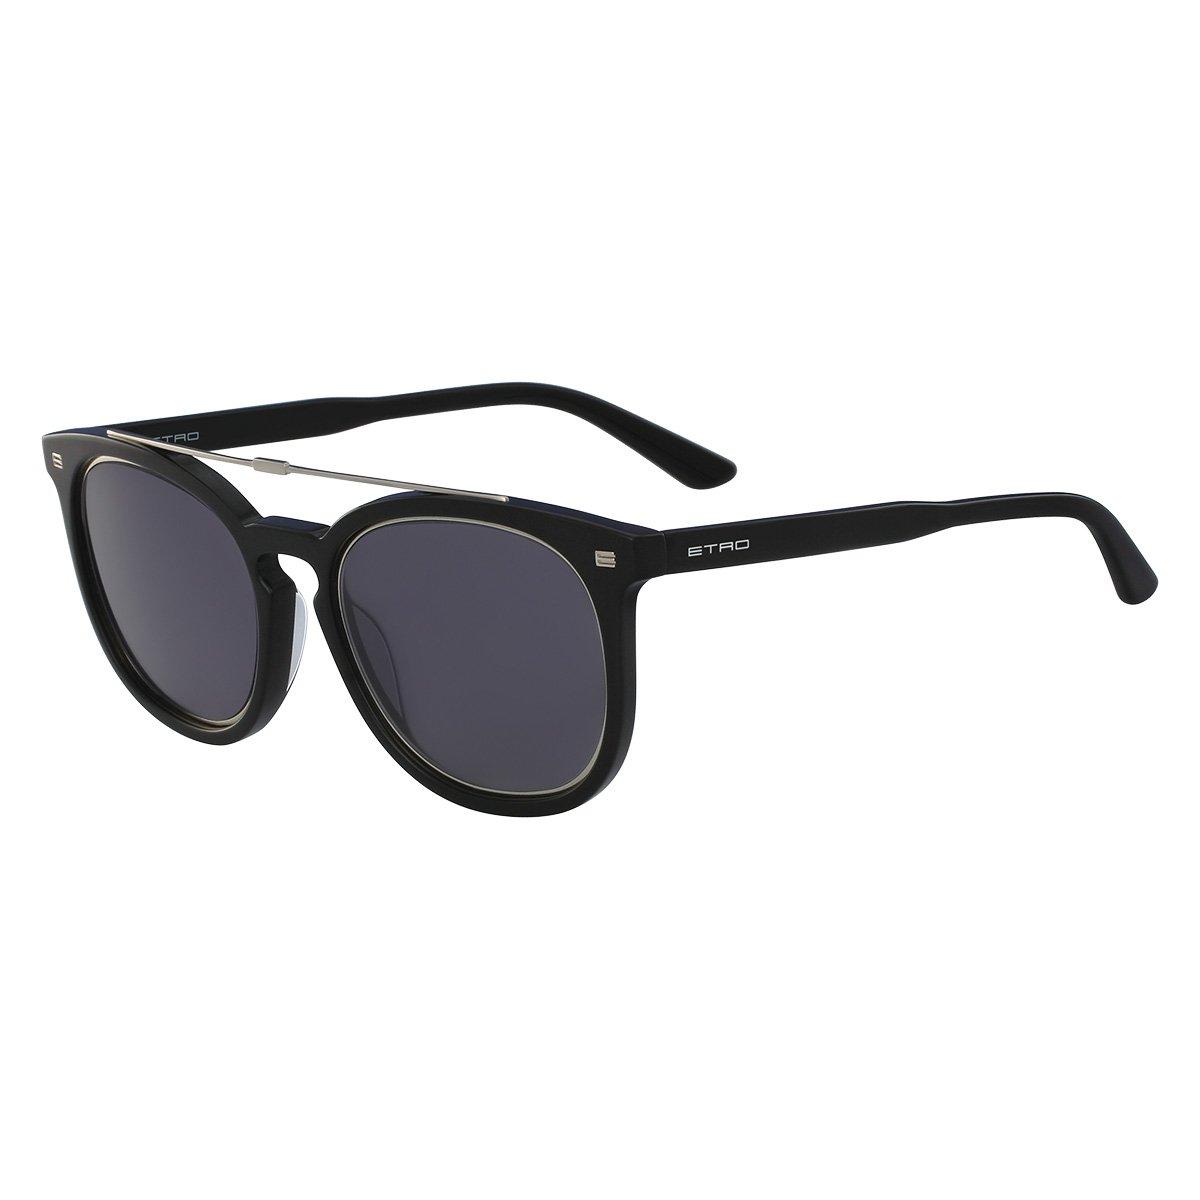 Óculos De Sol Etro ET641S 001 Masculino